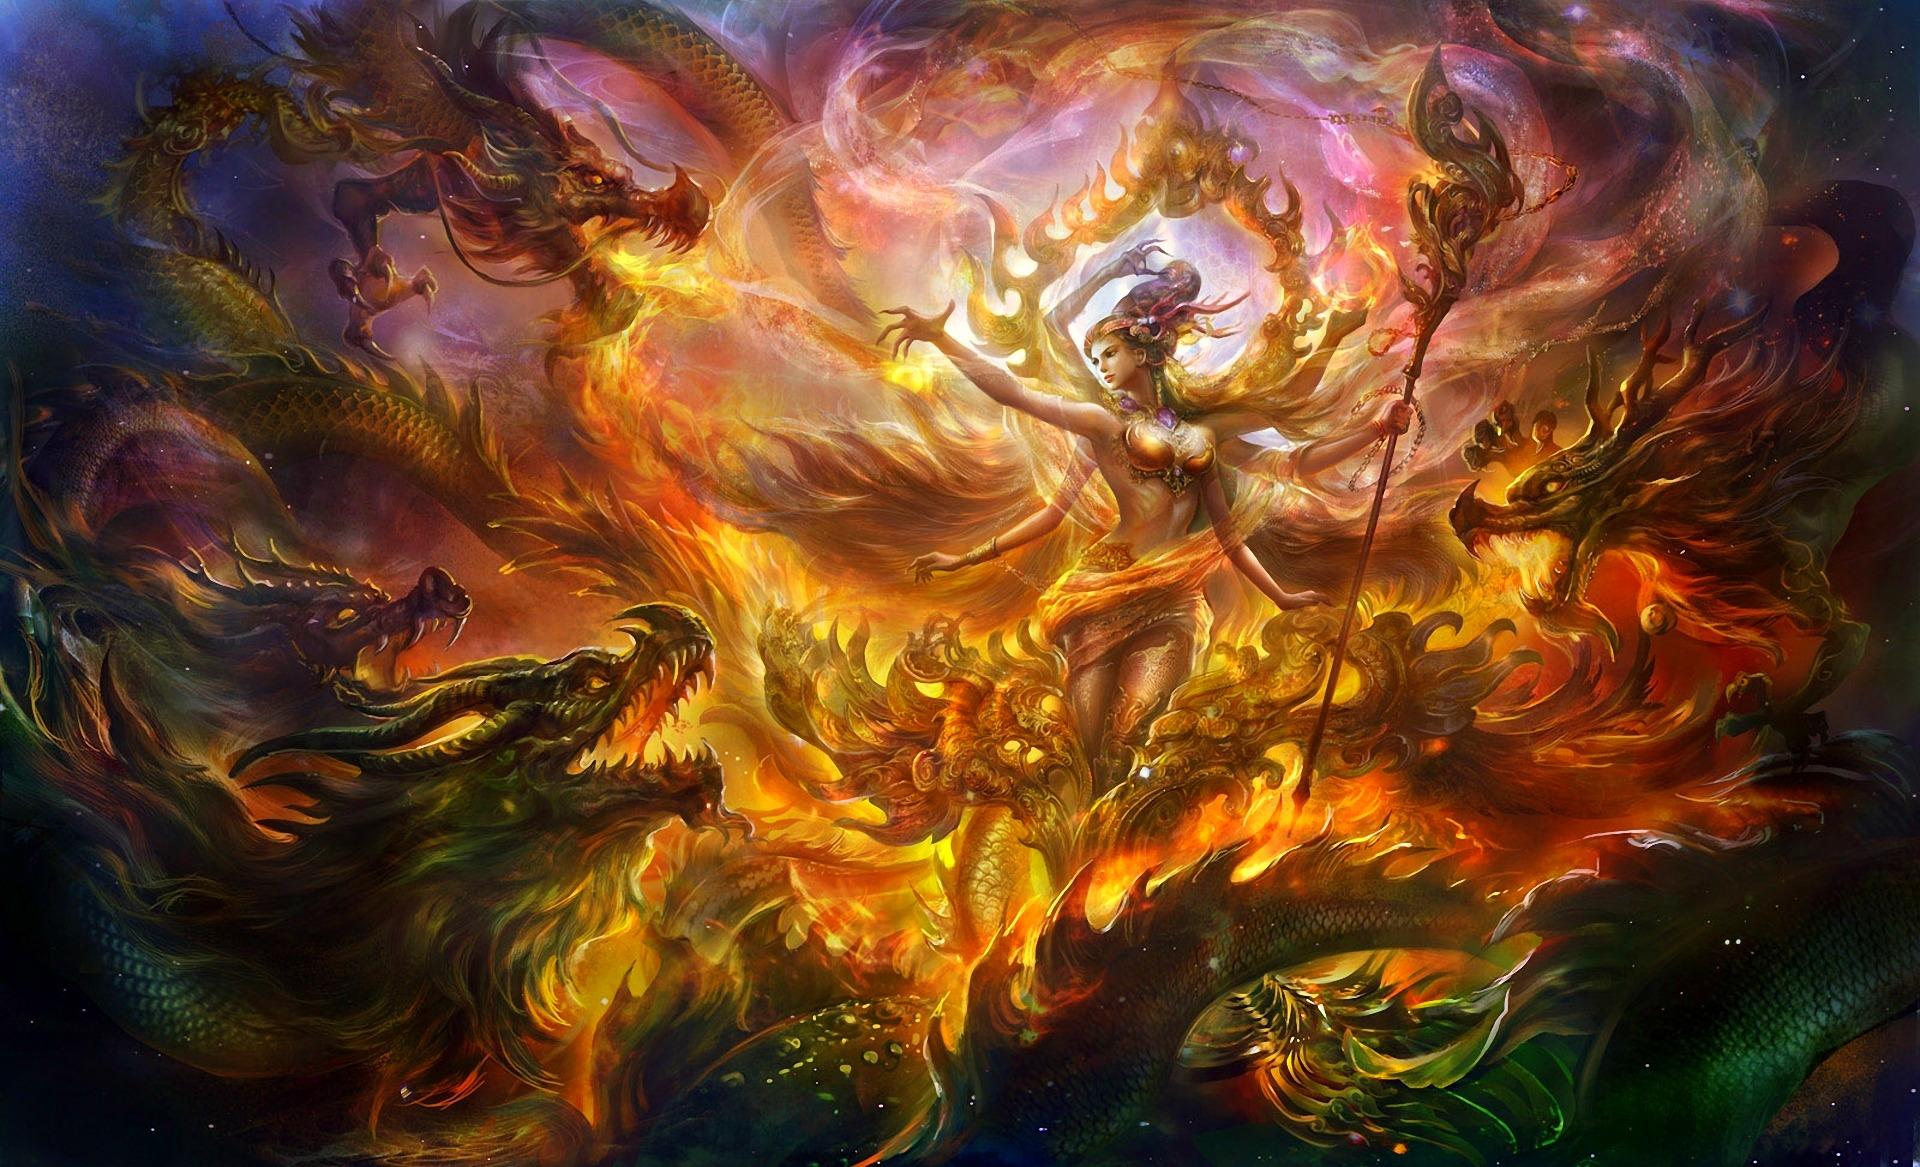 Dragon Goddess Fantasy Art - HD Wallpaper